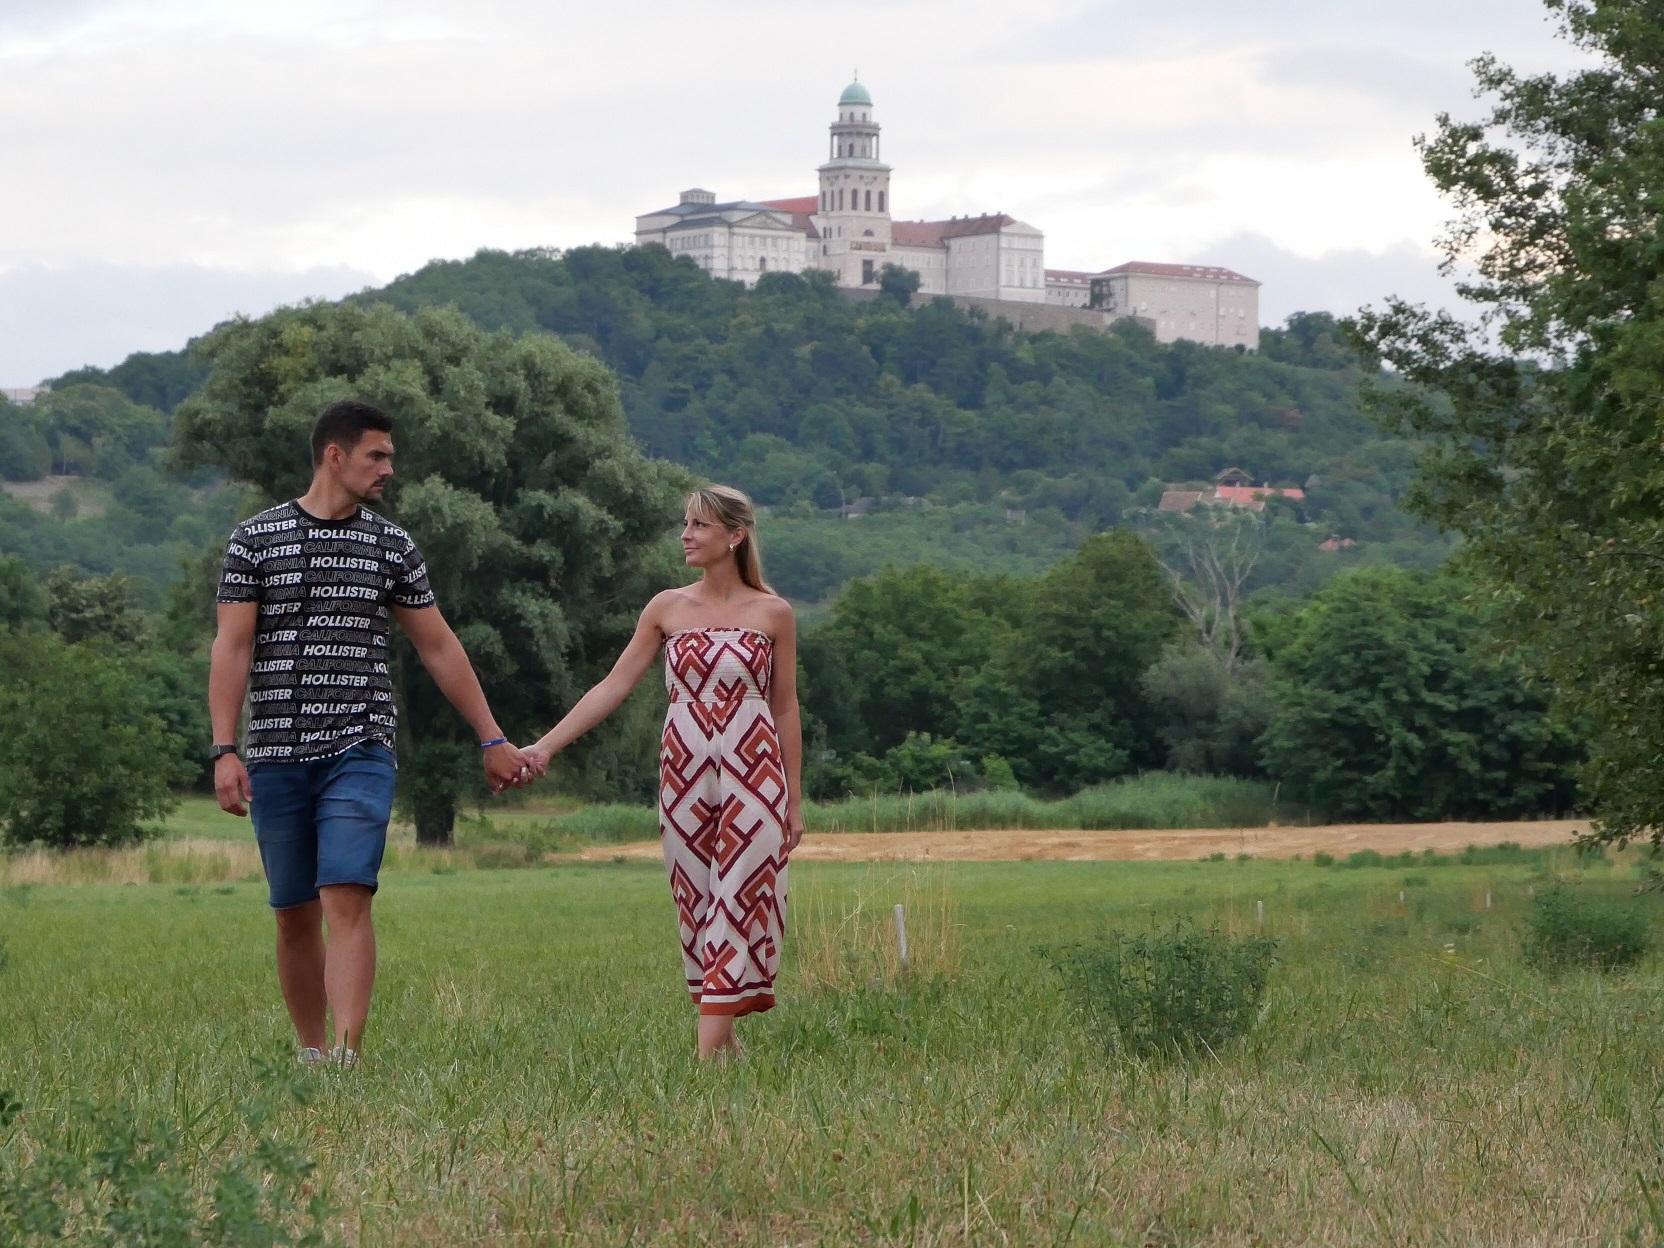 Györ a Pannonhalma - dva klenoty medzi Bratislavou a Budapešťou